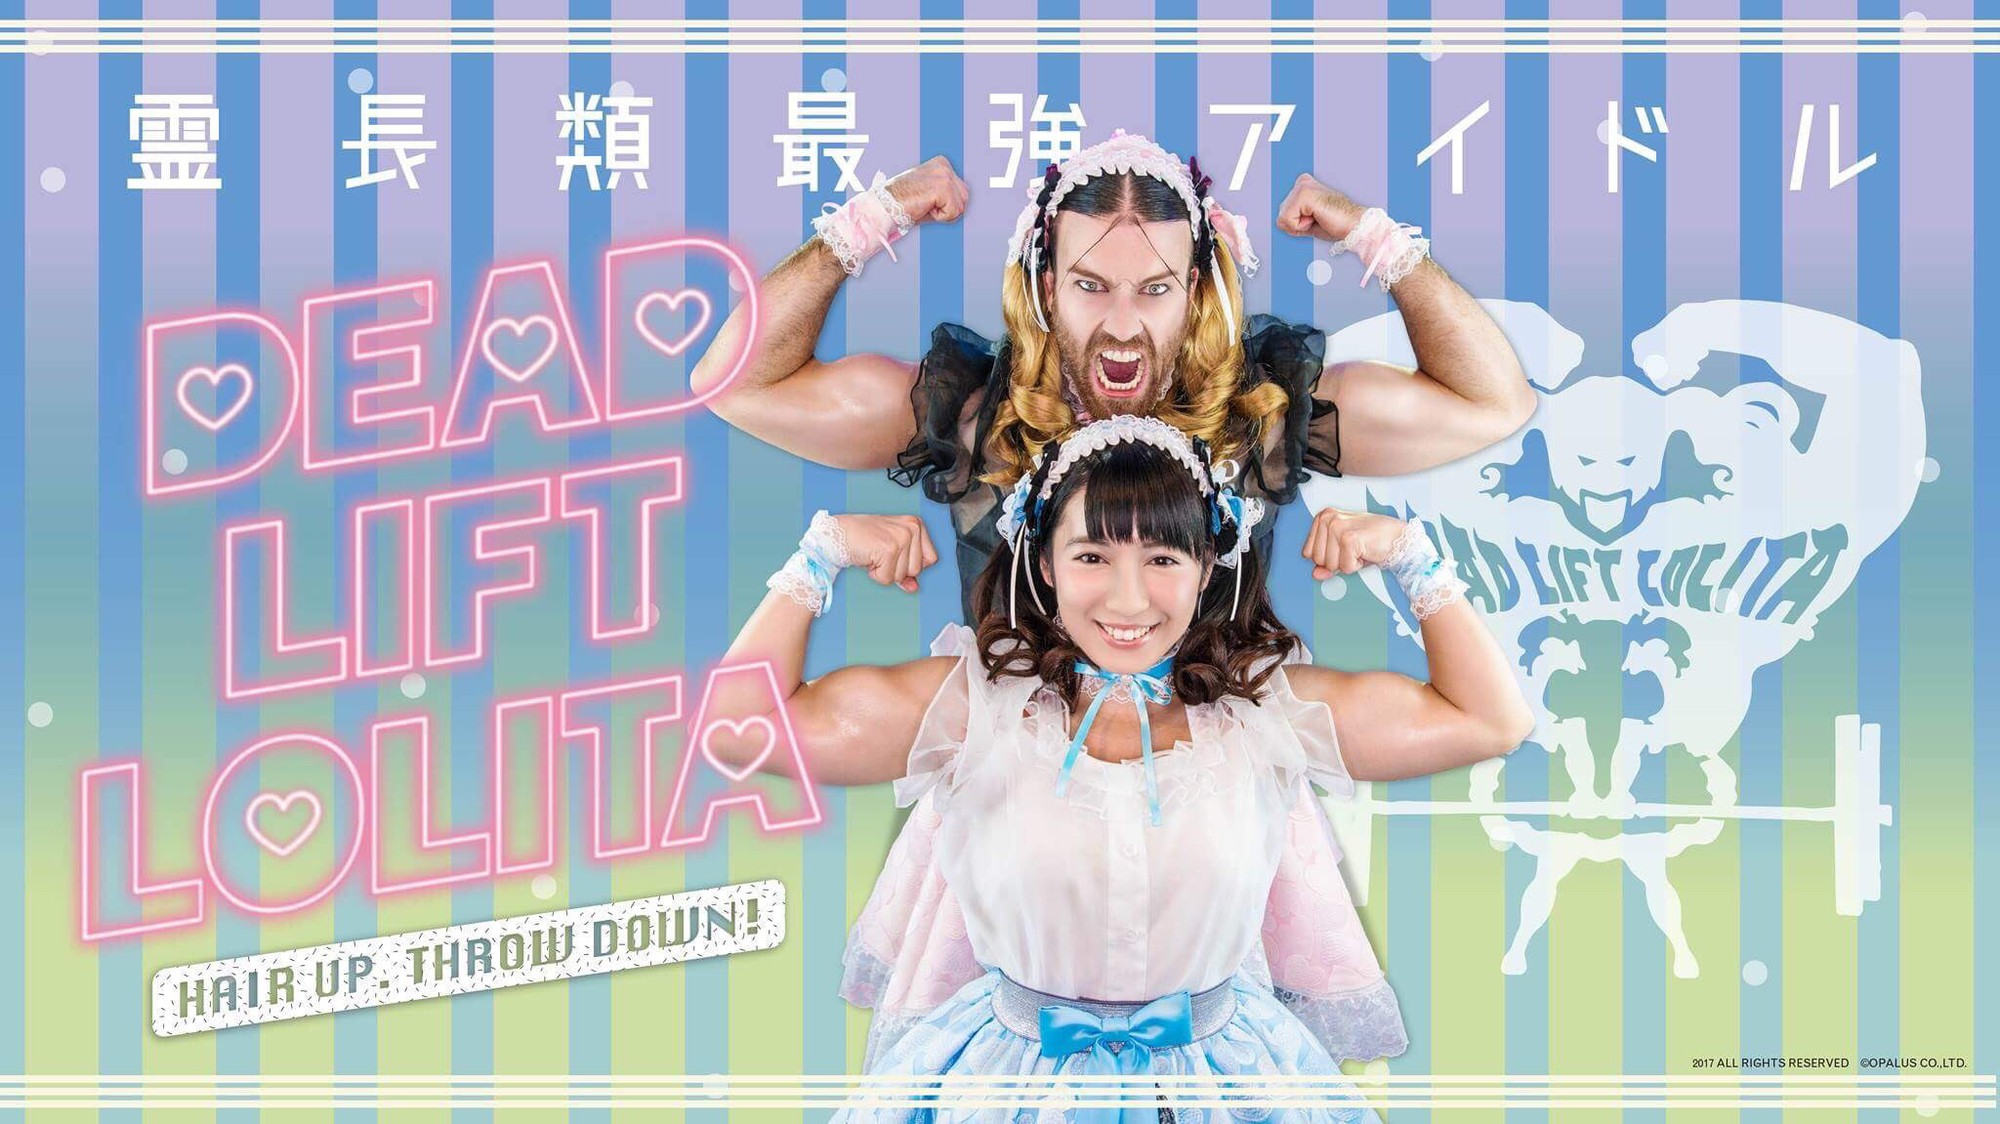 Từ hot girl nhóm cổ vũ thành đô vật cơ bắp, cô gái Nhật vẫn được giới trẻ yêu mến cuồng nhiệt - Ảnh 9.